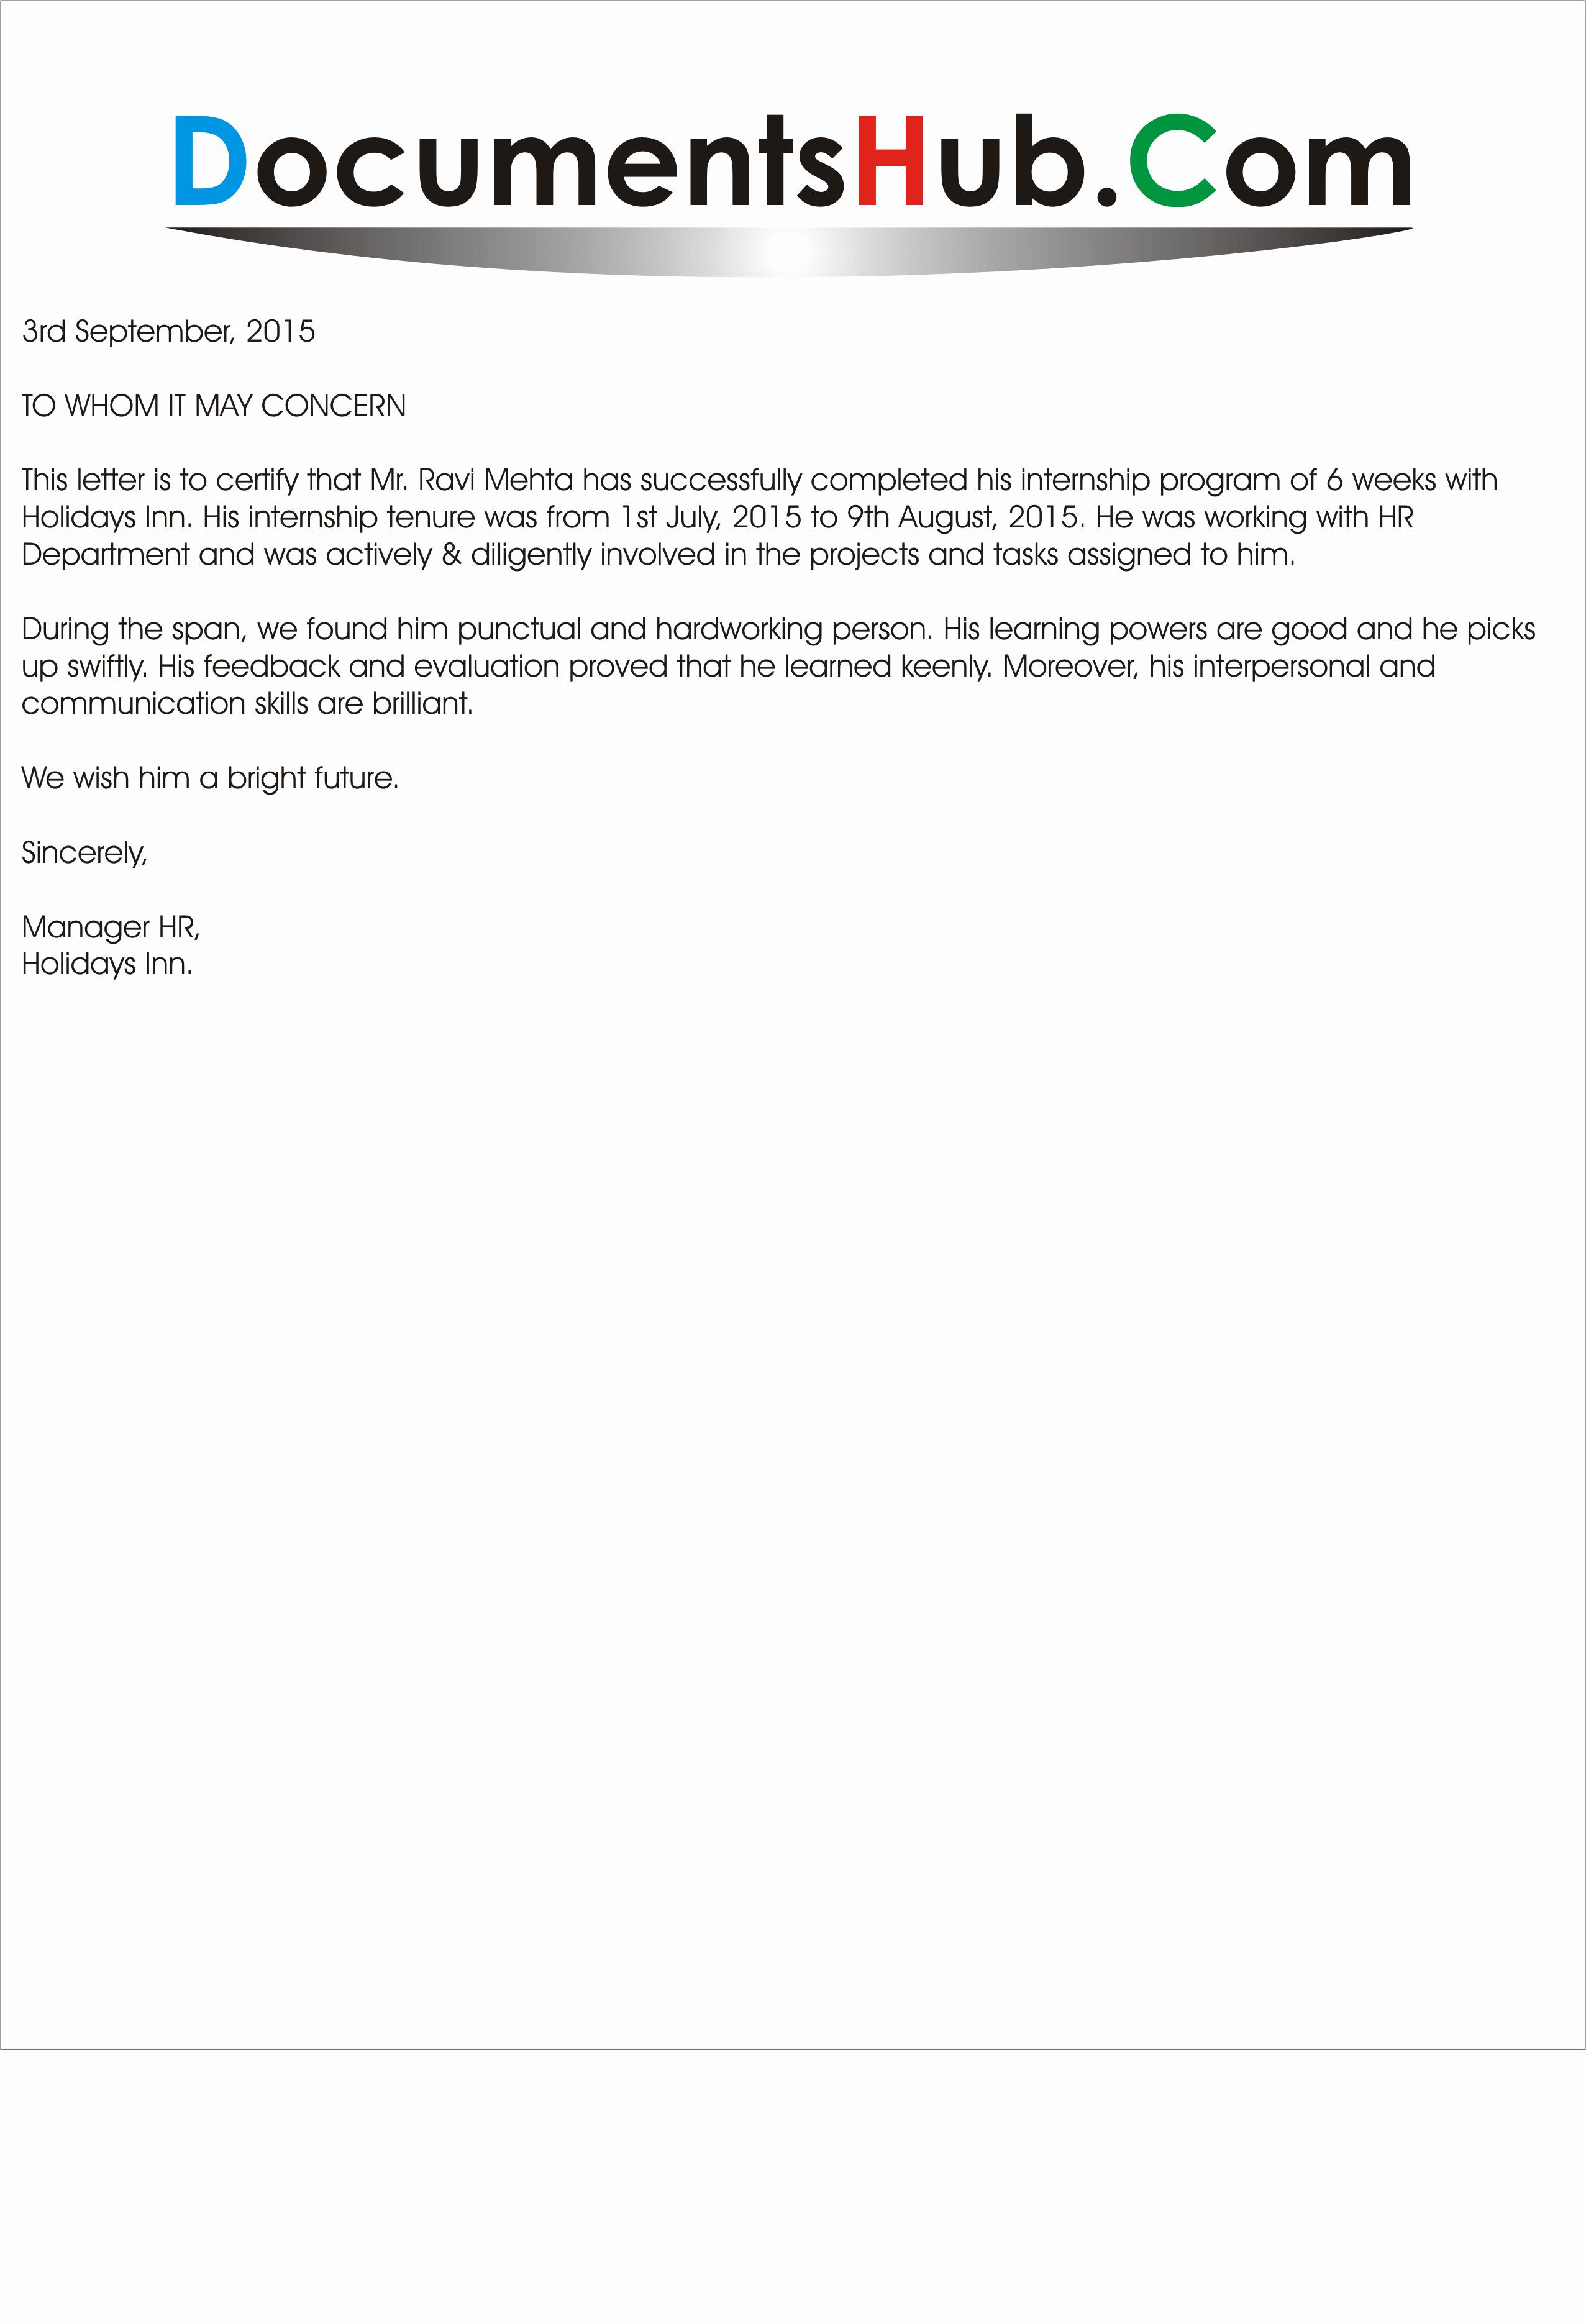 Internship Letter From Employer Elegant Experience Letter for Internship